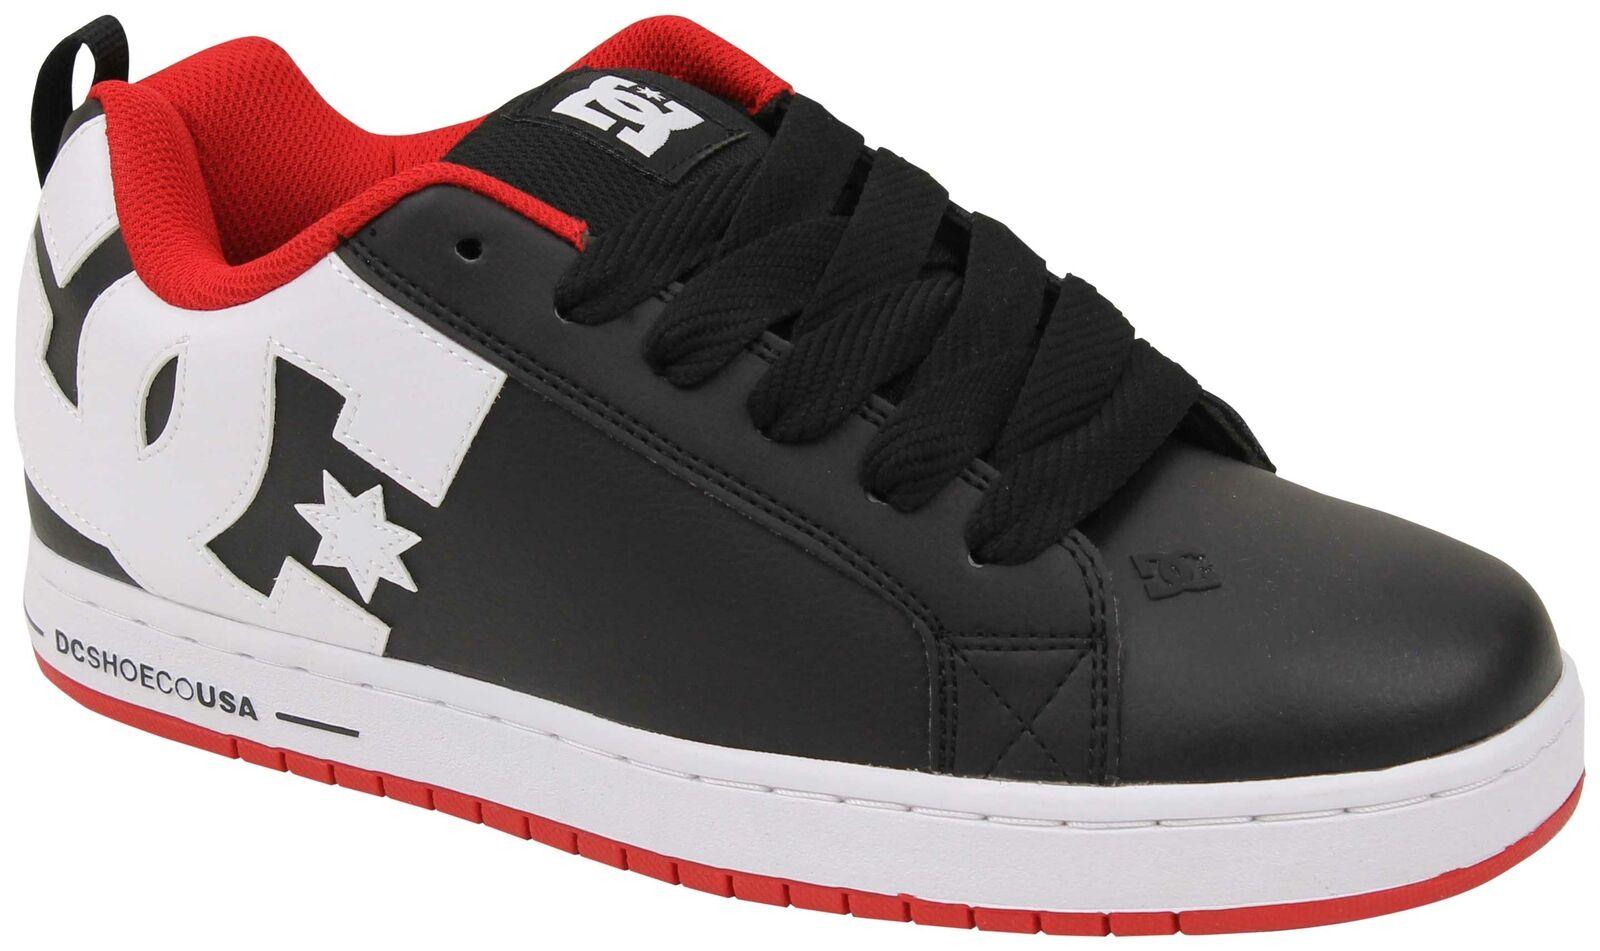 DC Court Graffik scarpe - rosso rosso rosso   nero   bianca - New 33e9ef